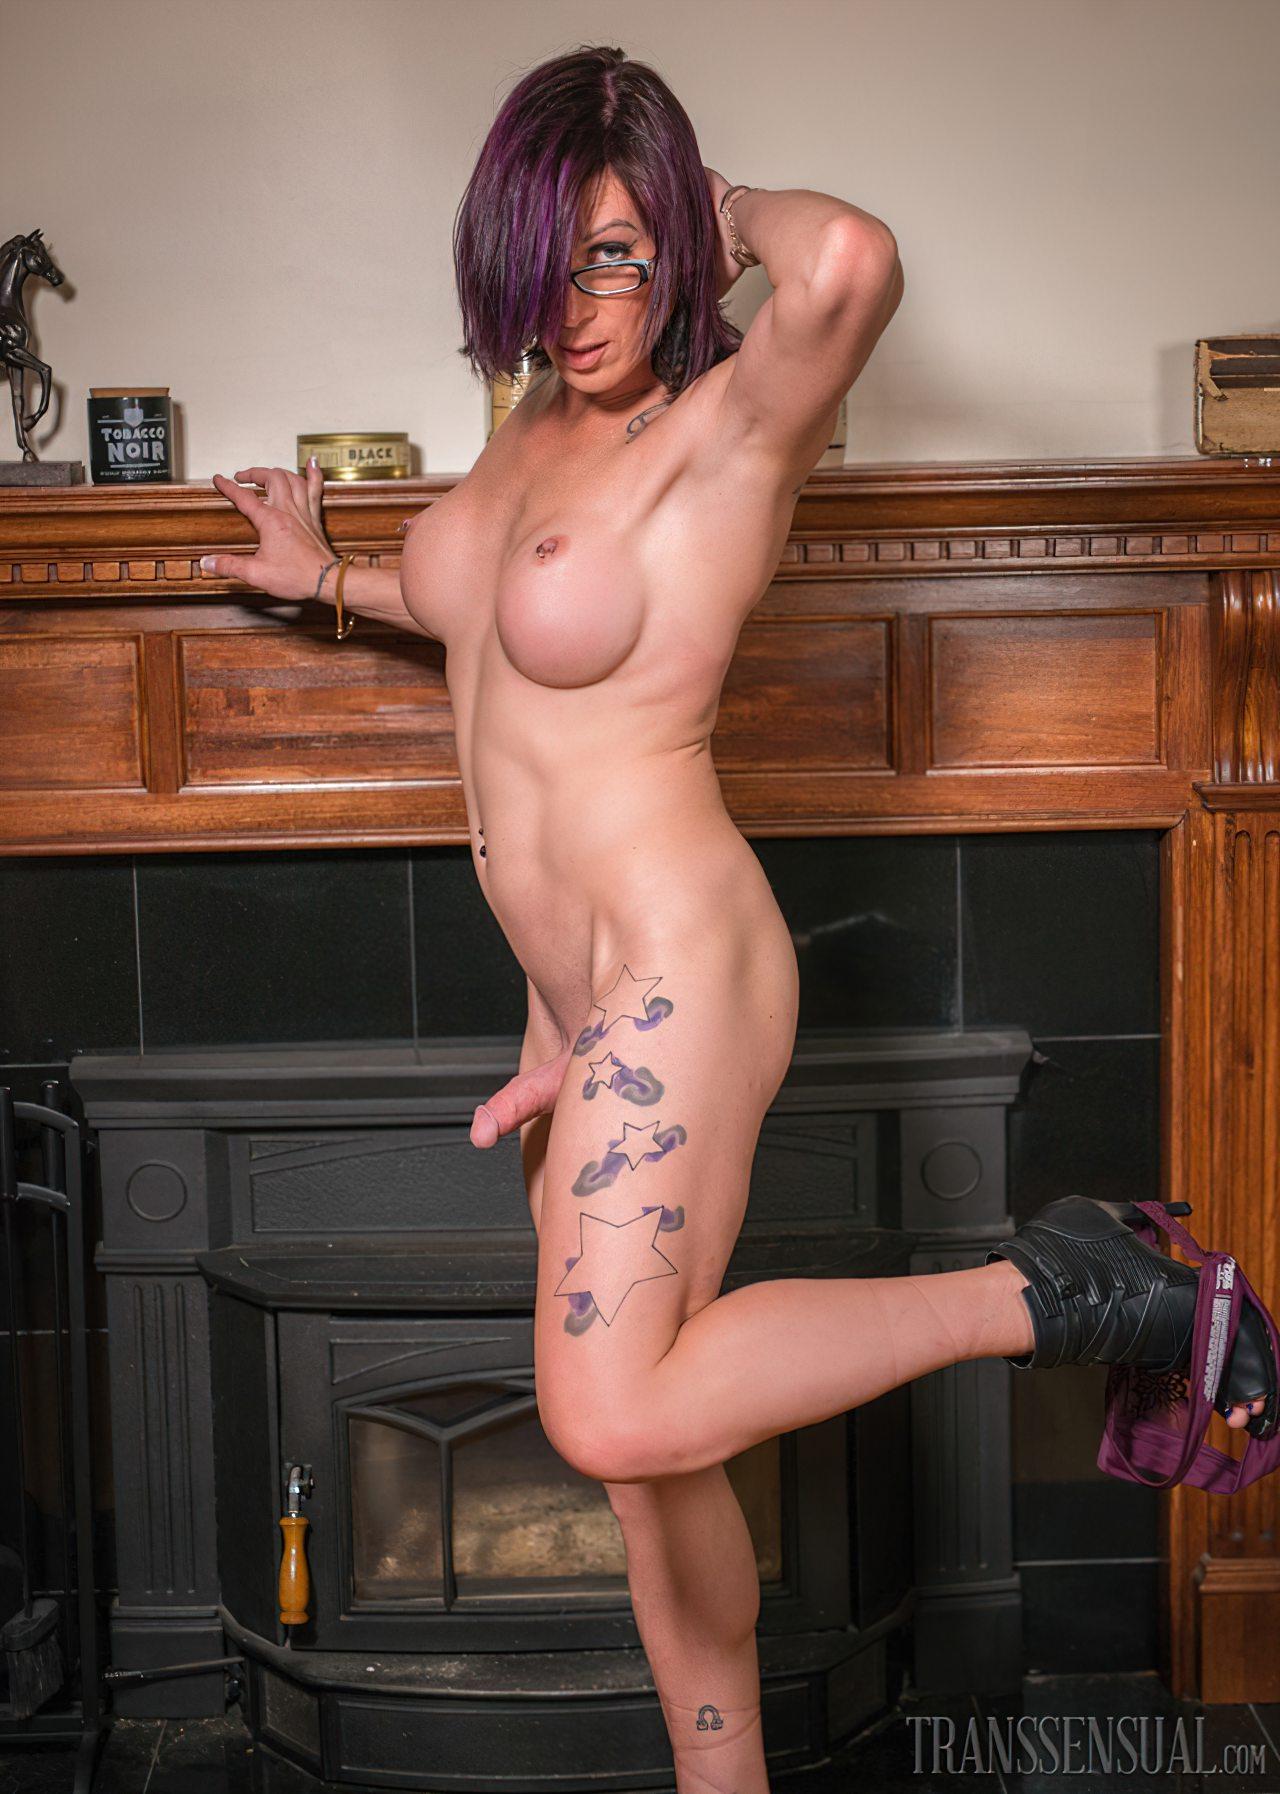 Fotos de Transexuais (15)